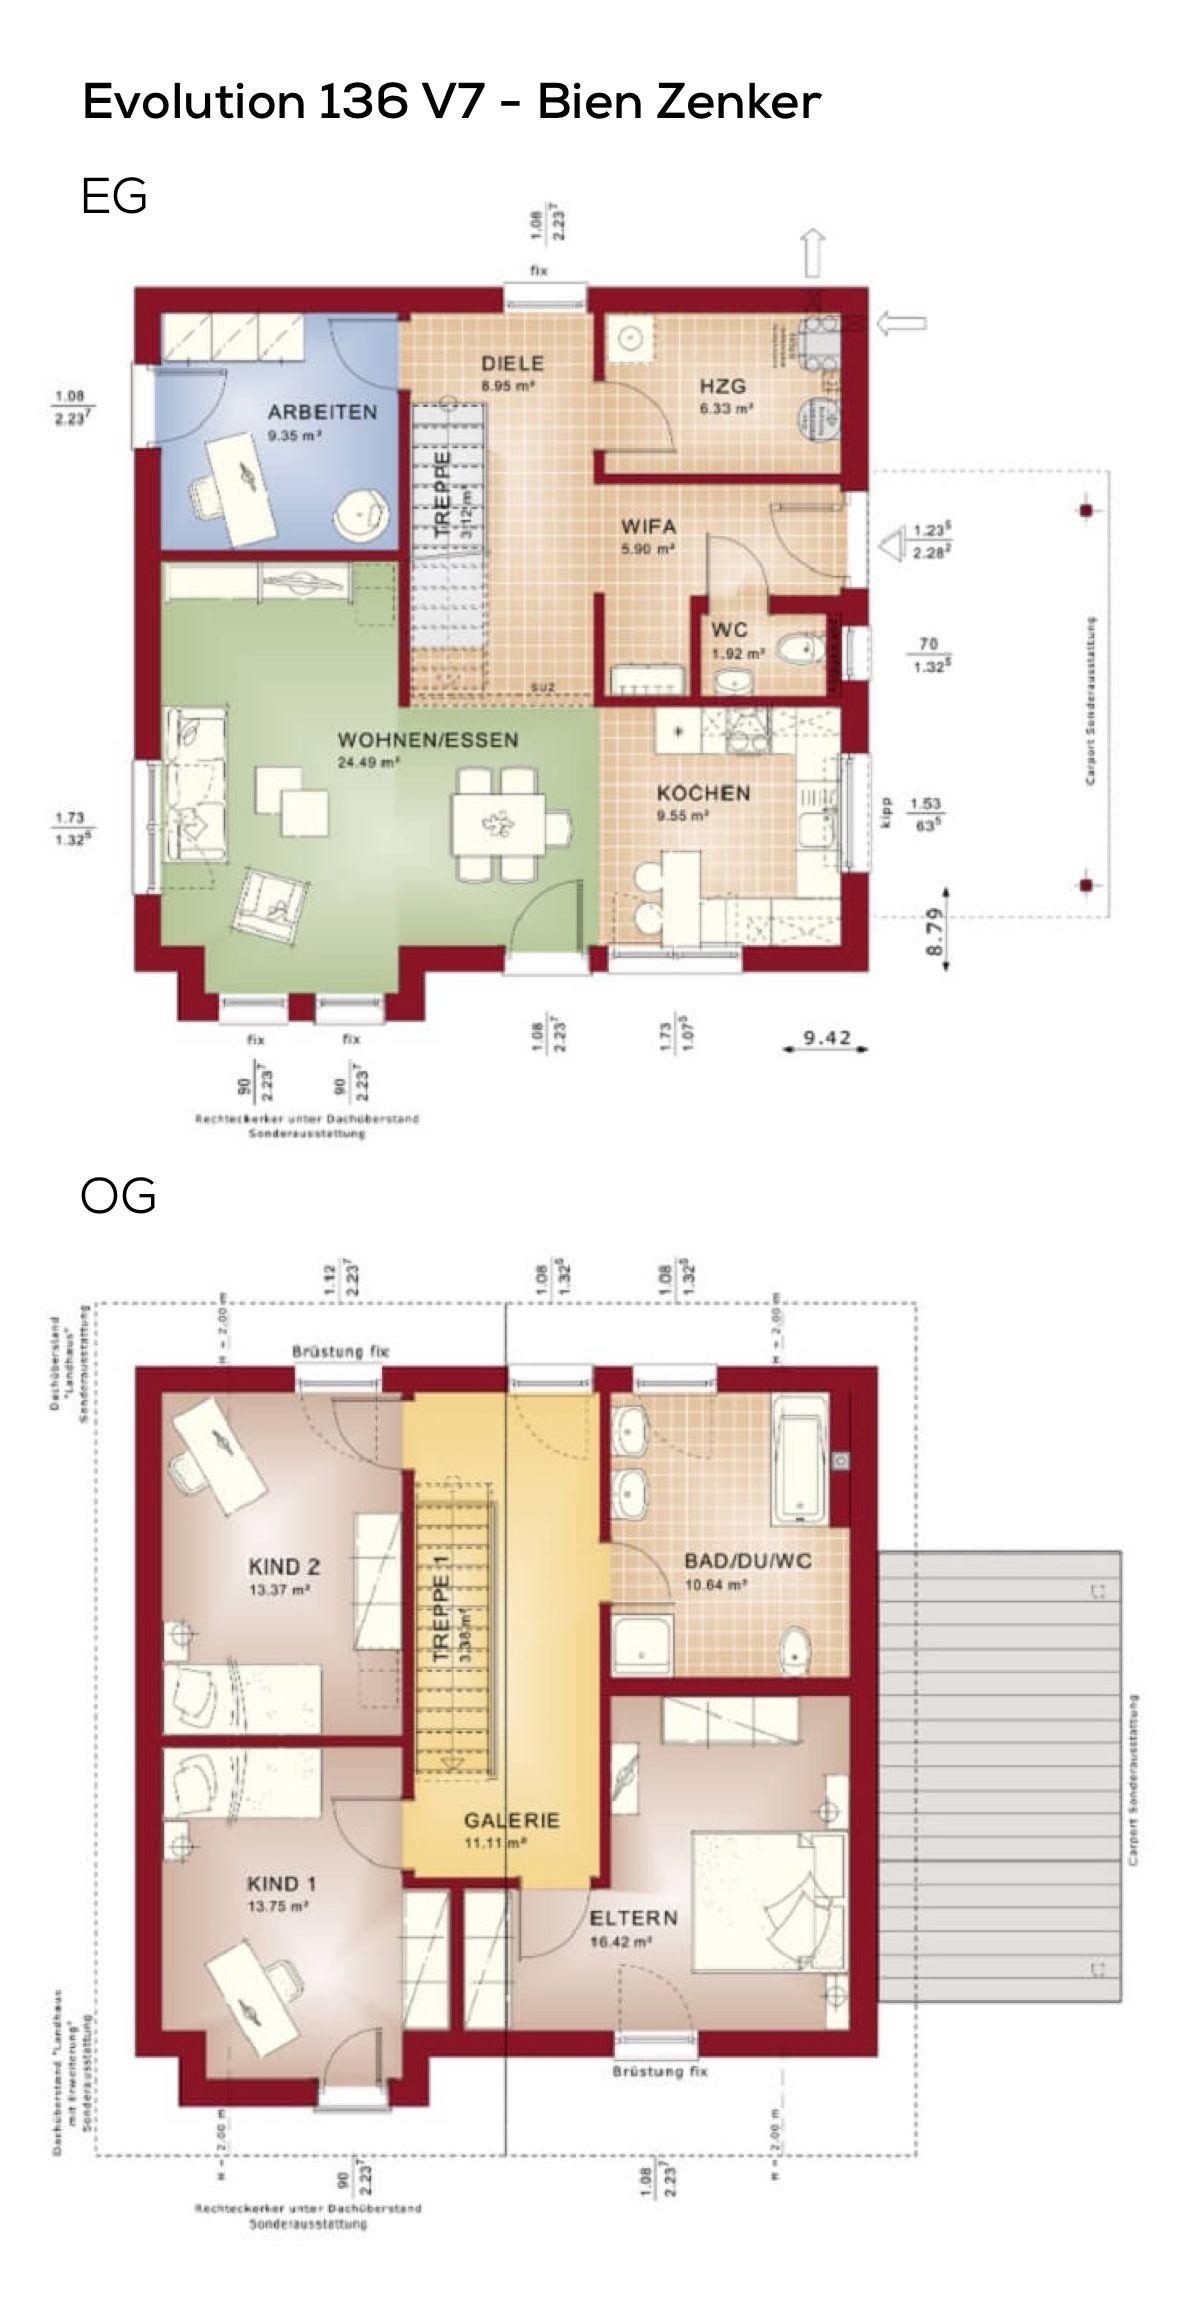 Grundriss Einfamilienhaus quadratisch mit Galerie